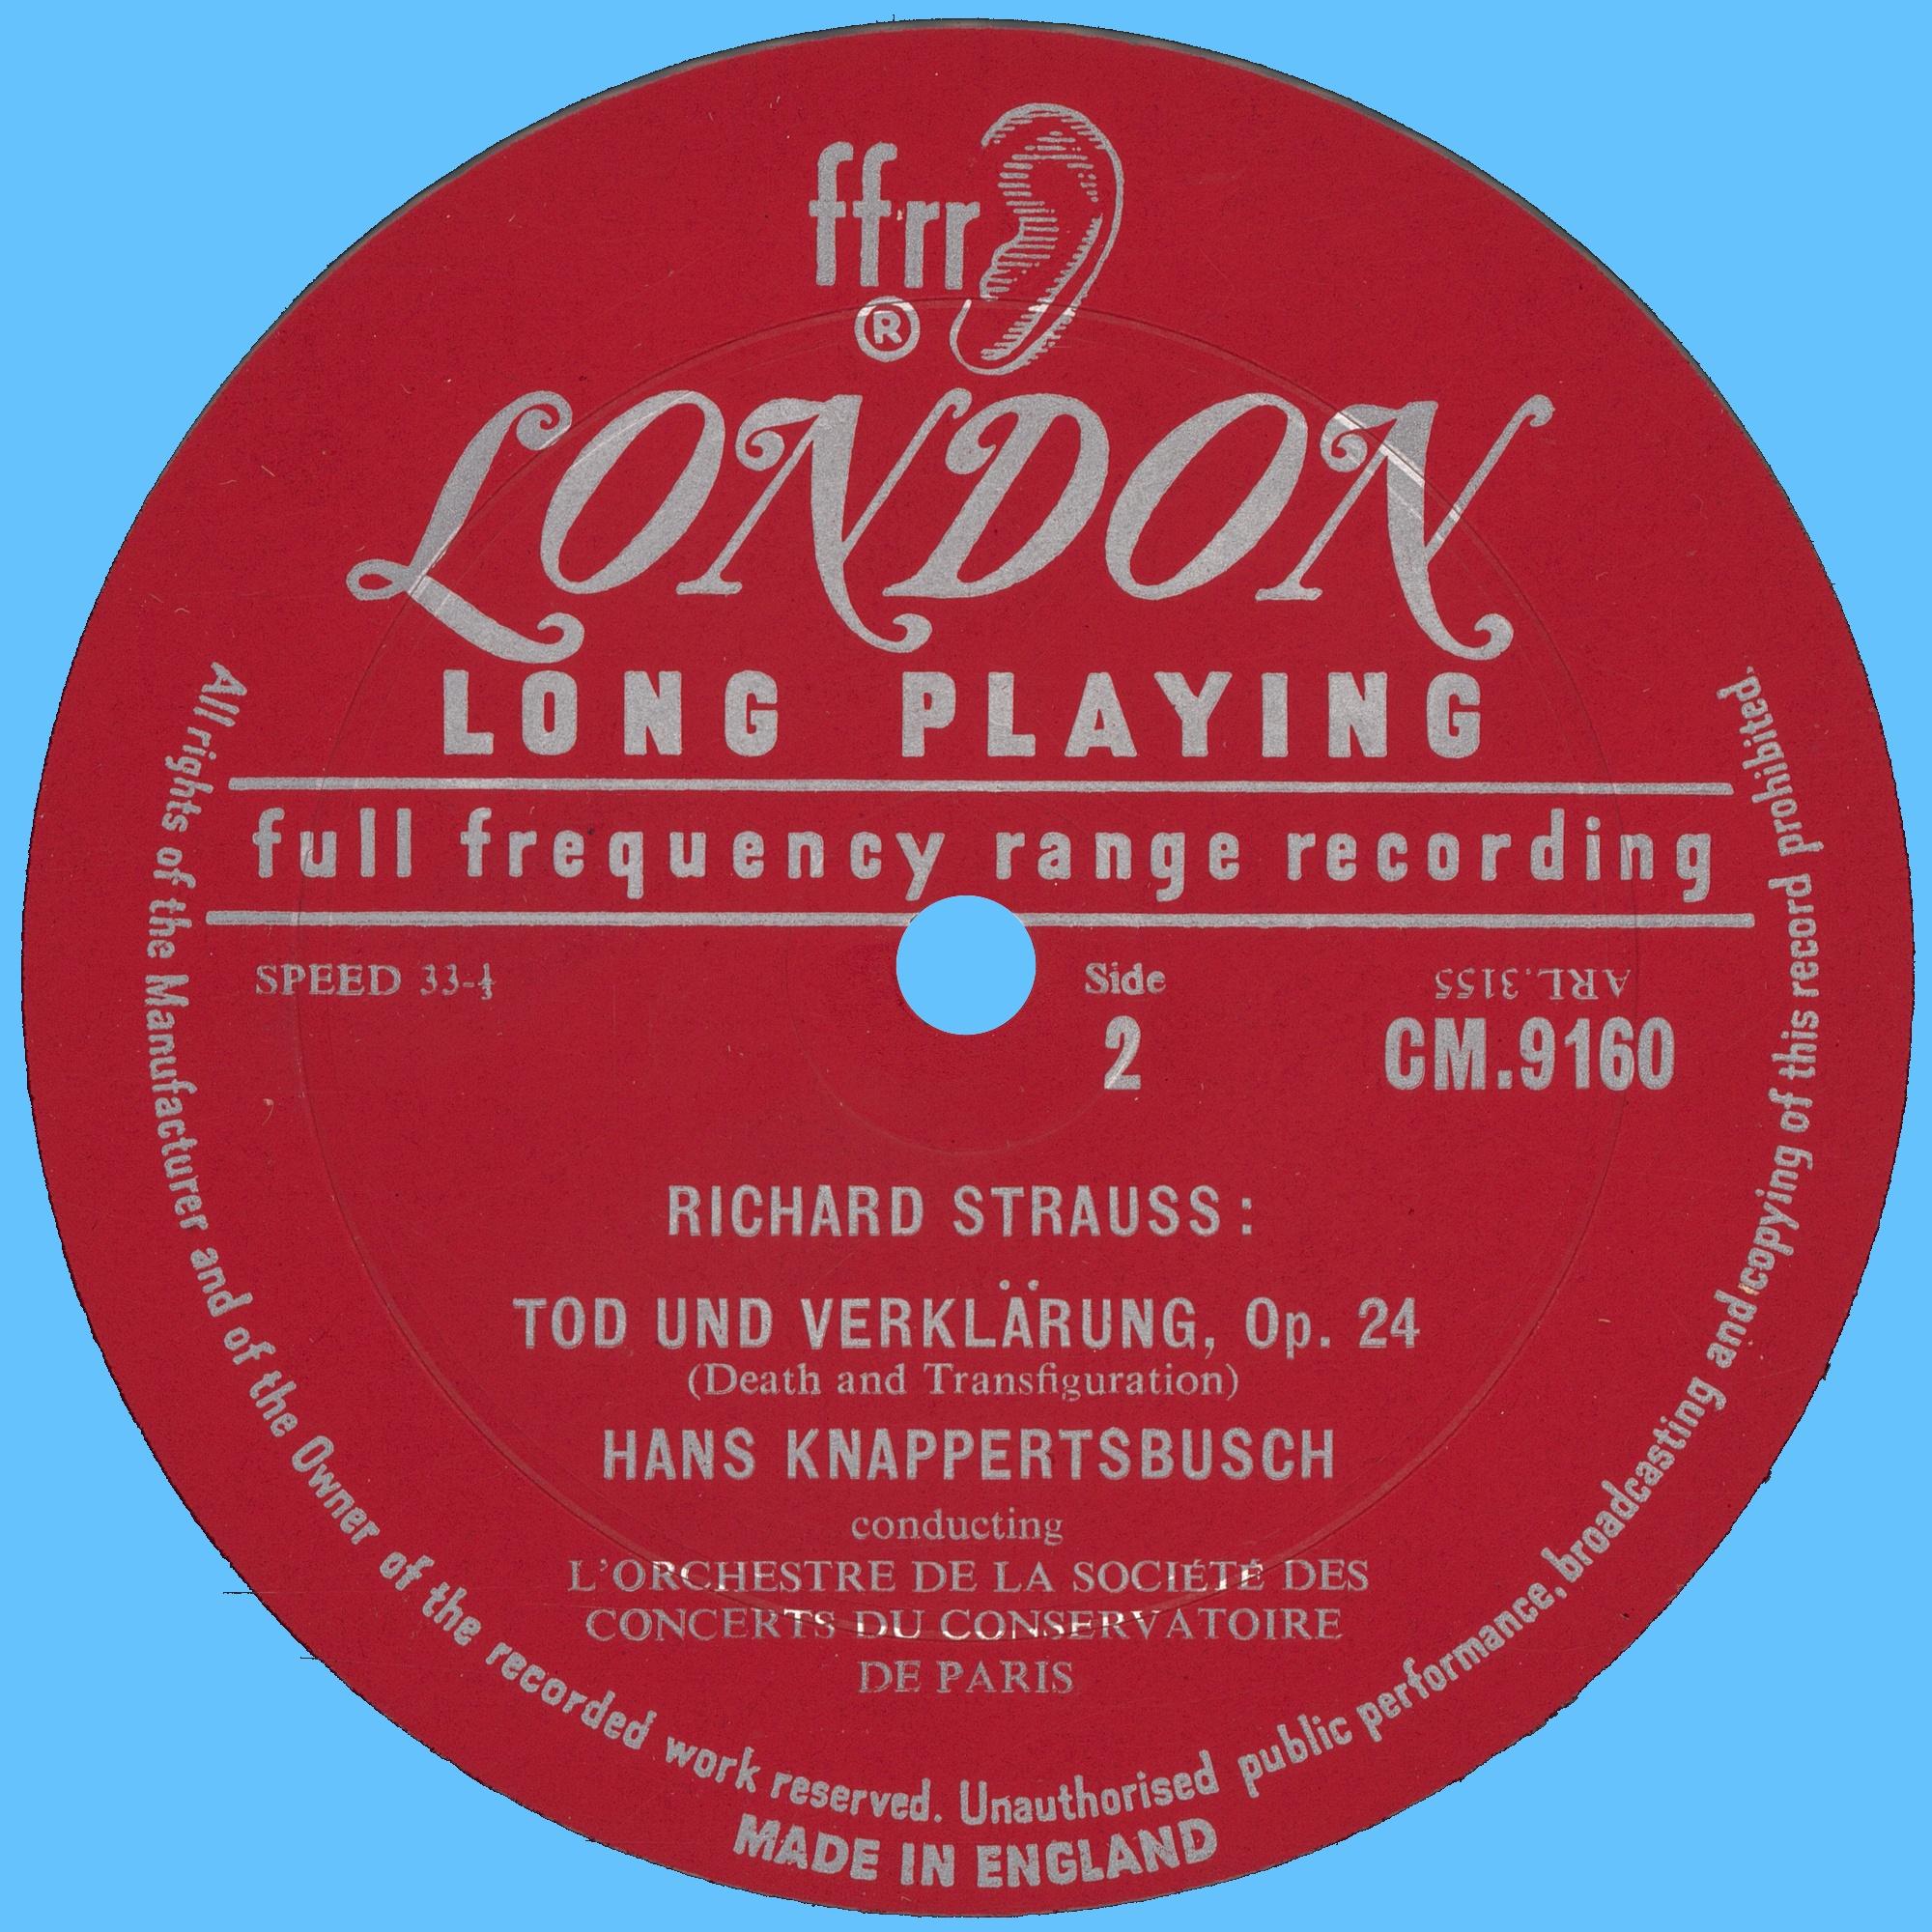 Disque Decca CM 9160, étiquette verso